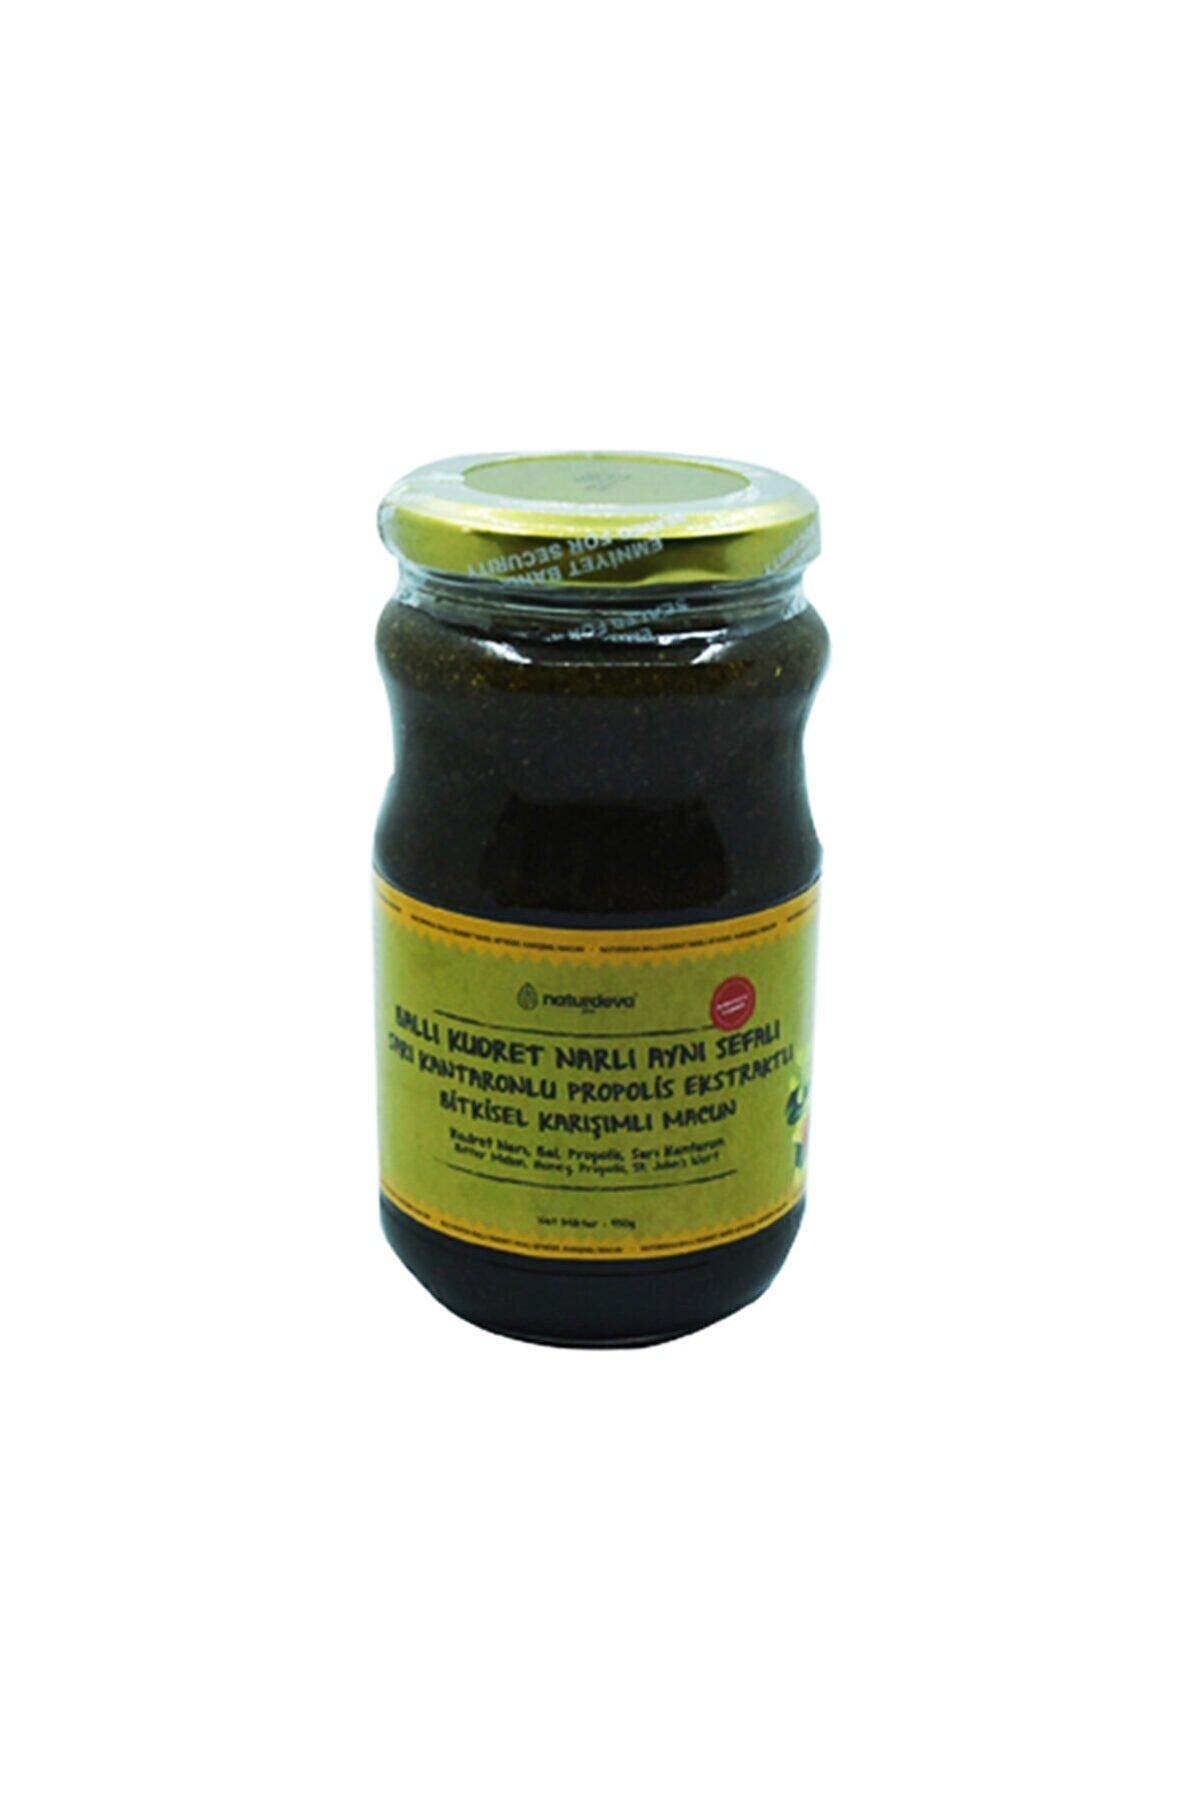 Naturdeva Ballı Kudret Narlı Aynısefalı Sarı Kantaronlu Propolisli Bitkisel Karışımlı Macun 450 Gr